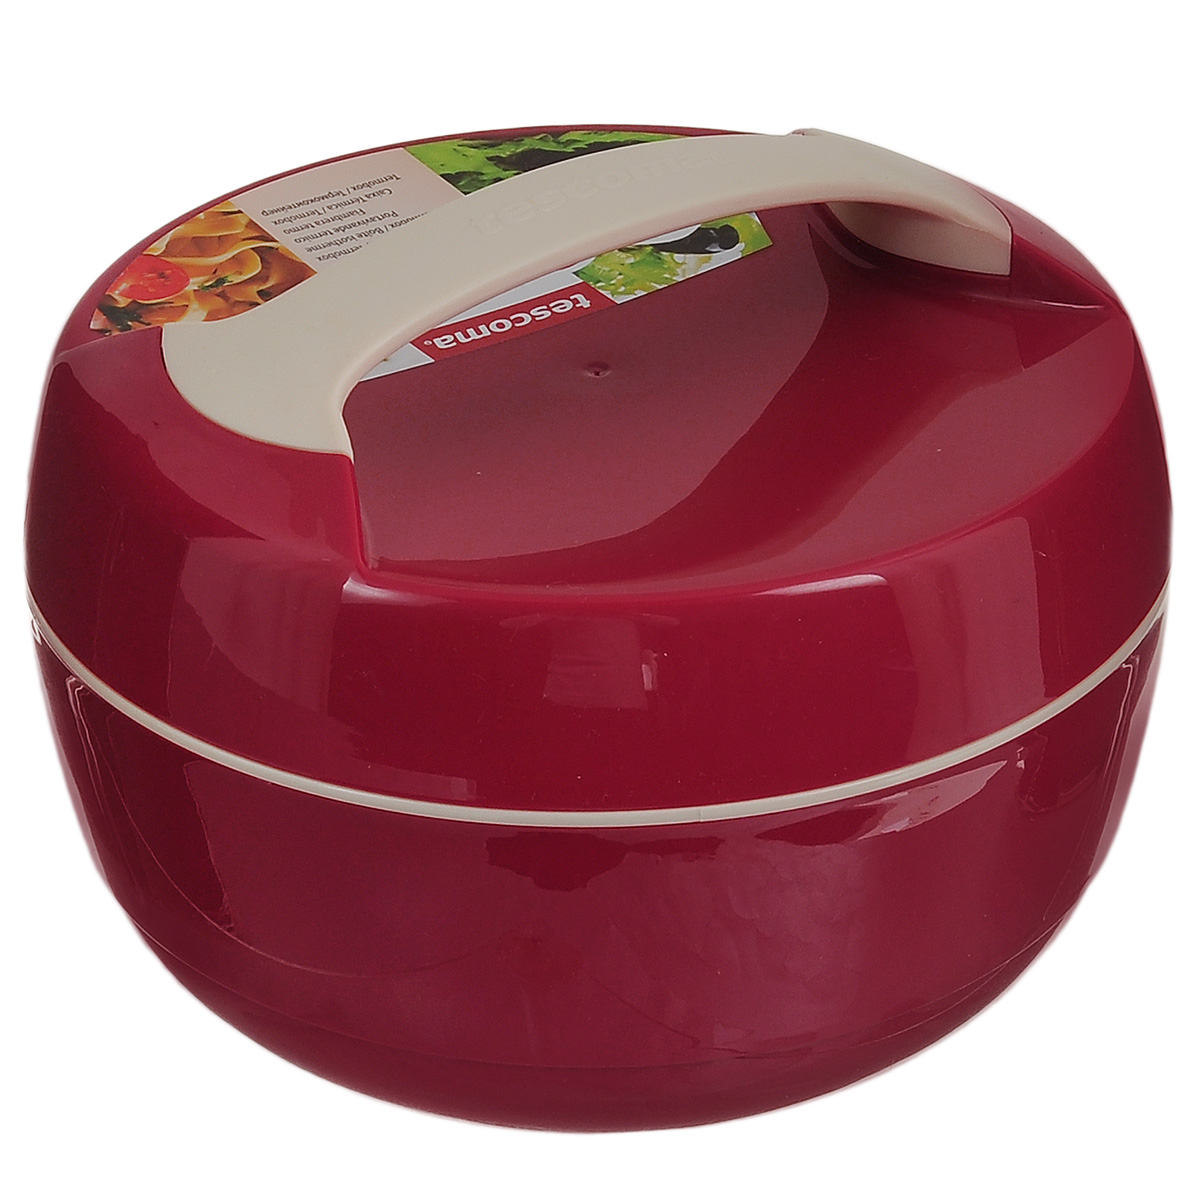 Термоконтейнер Tescoma Family, цвет: красный, 1,5 л21395599Термоконтейнер Tescoma Family изготовлен из высококачественного пищевого пластика. Прекрасно подходит для длительного хранения и переноски теплой и холодной пищи. Двойные стенки контейнера с высокоэффективным теплоизоляционным заполнением сохраняют пищу теплой или холодной в течение нескольких часов. При обычном использовании контейнер не бьющийся. Крышка плотно и удобно закручивается. Для комфортной переноски предусмотрена ручка. Контейнер нельзя мыть в посудомоечной машине. Объем контейнера: 1,5 л. Диаметр контейнера: 22 см. Высота контейнера: 12,5 см.